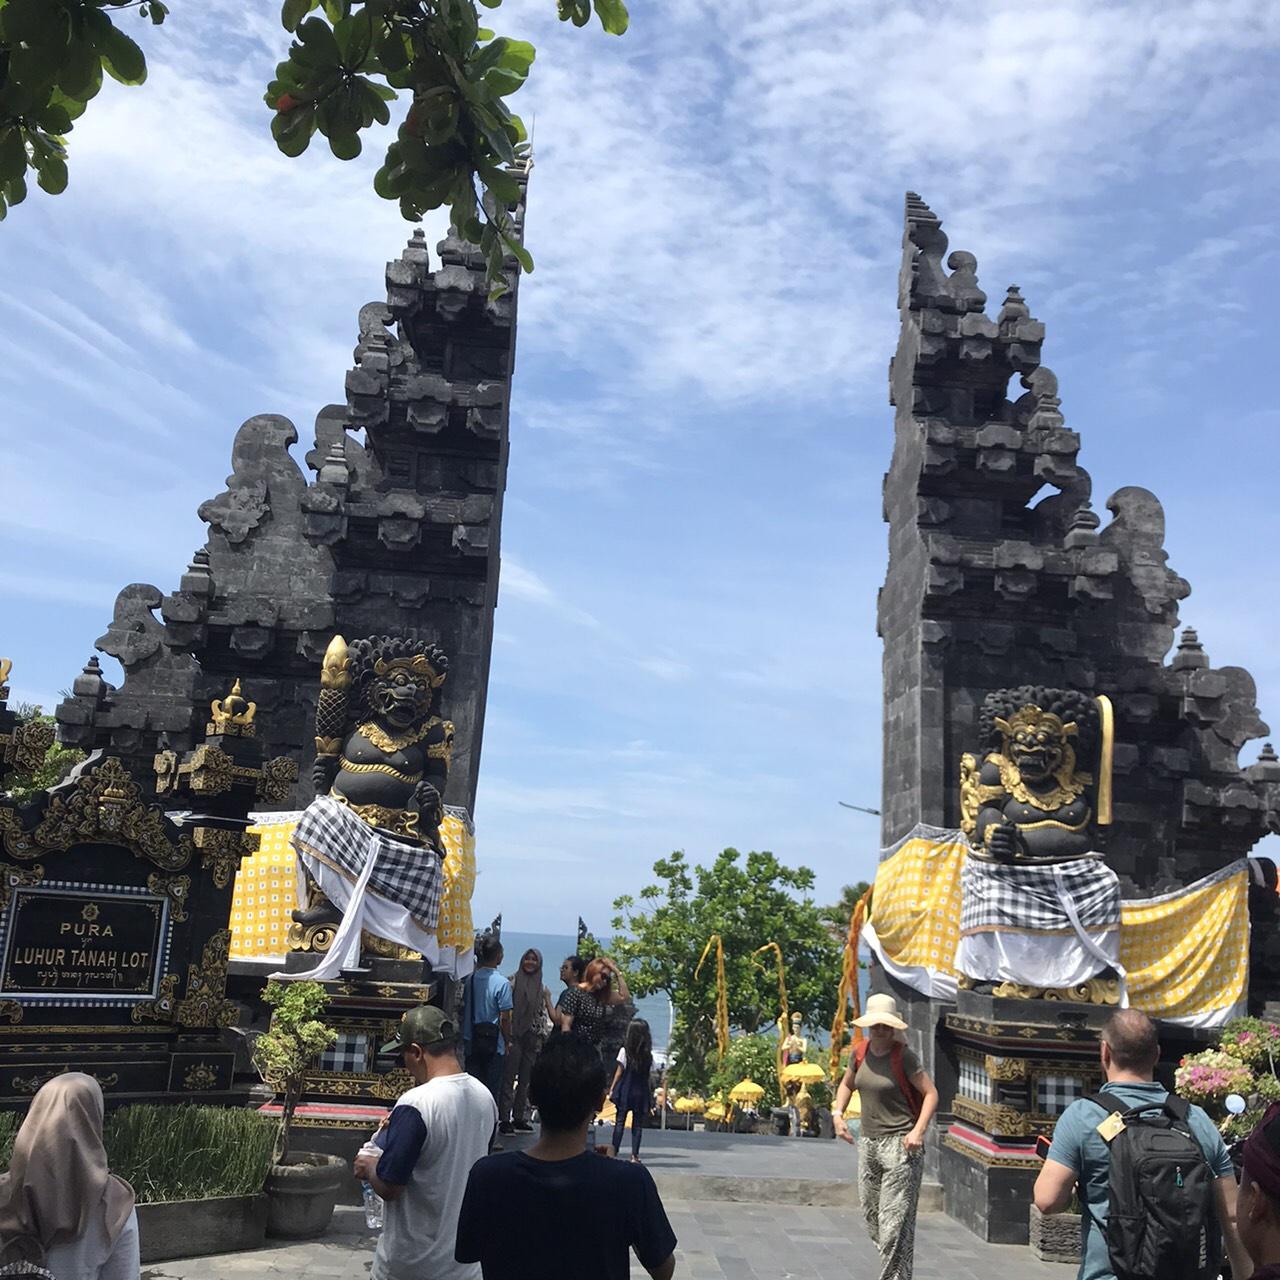 割れ門/タナロット寺院